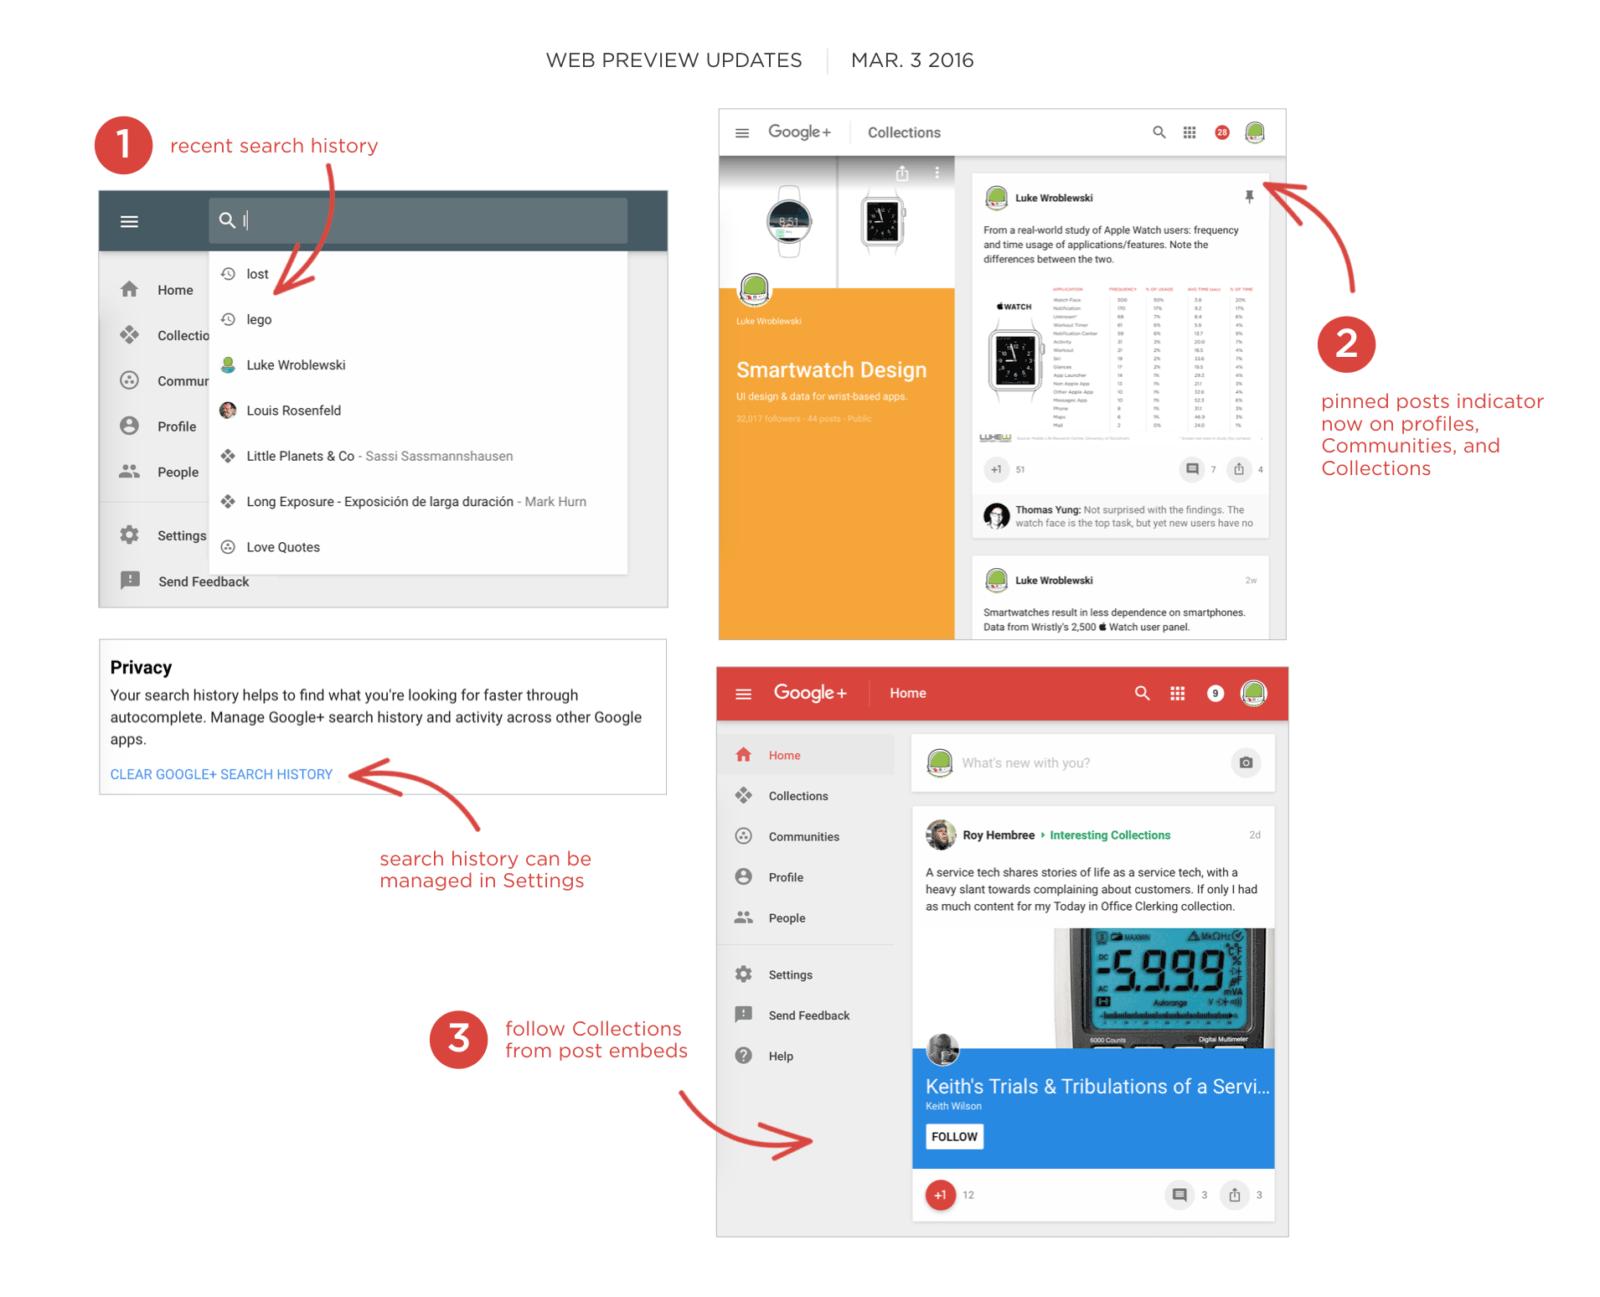 Google+ web preview